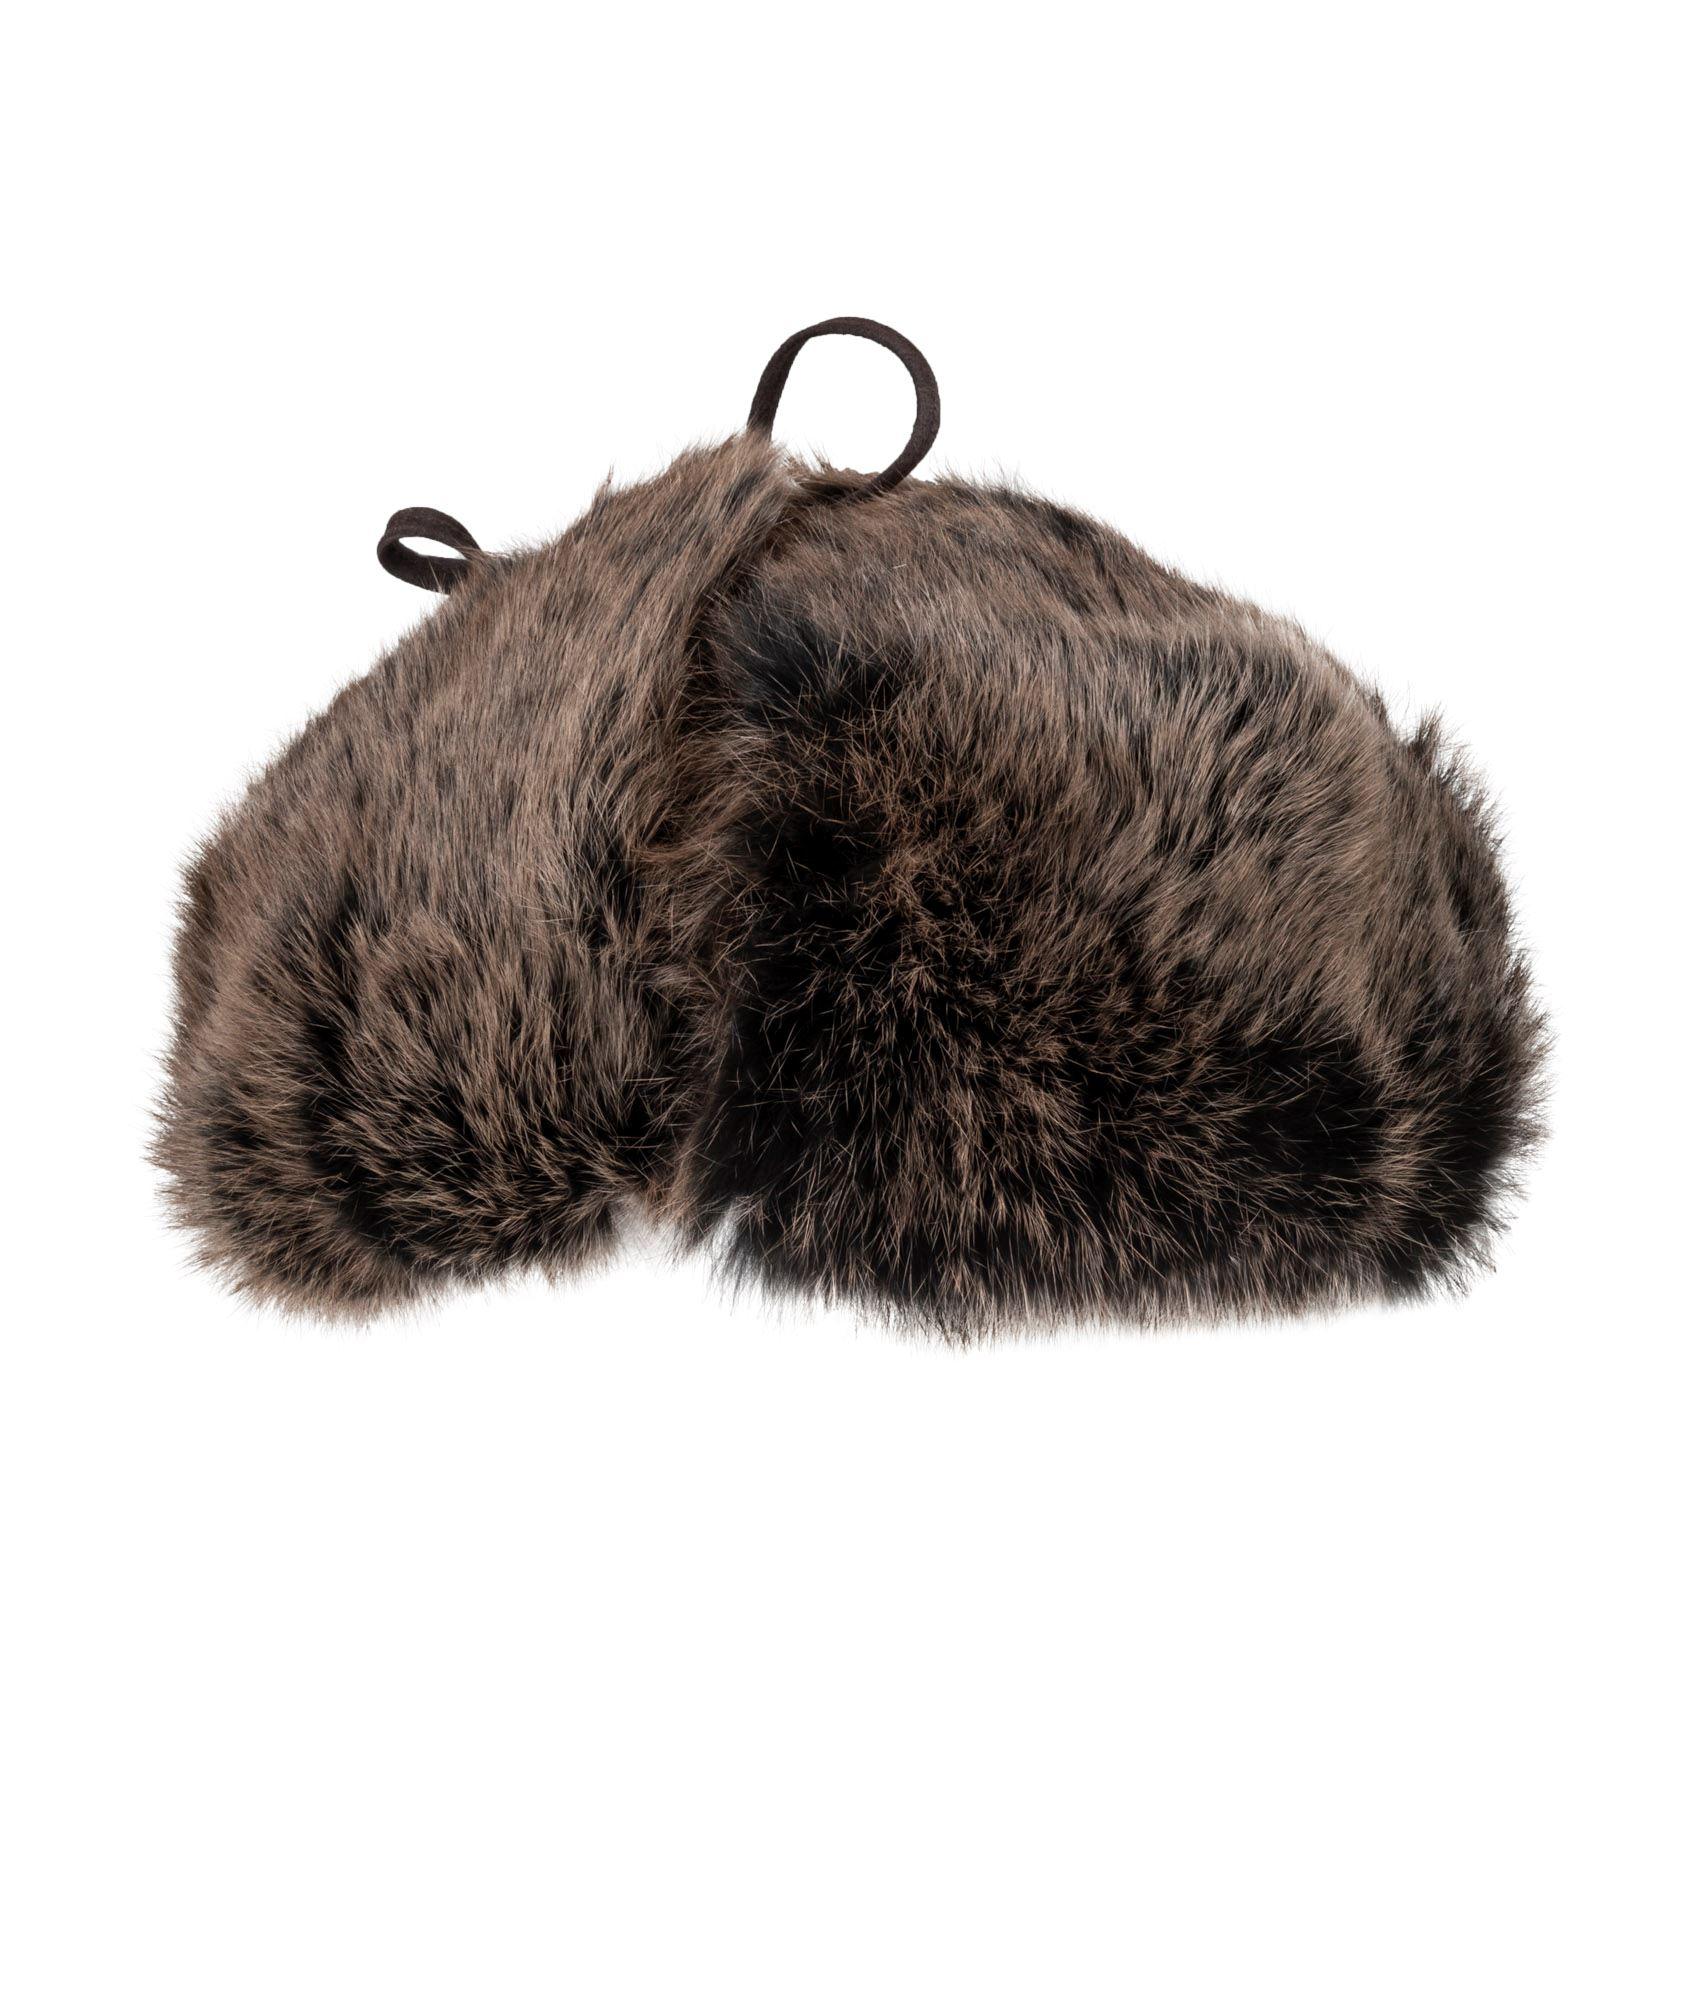 2df9a9933d8 Pels hue fra MJM. Køb varme pelshuer og handsker i 417.dk